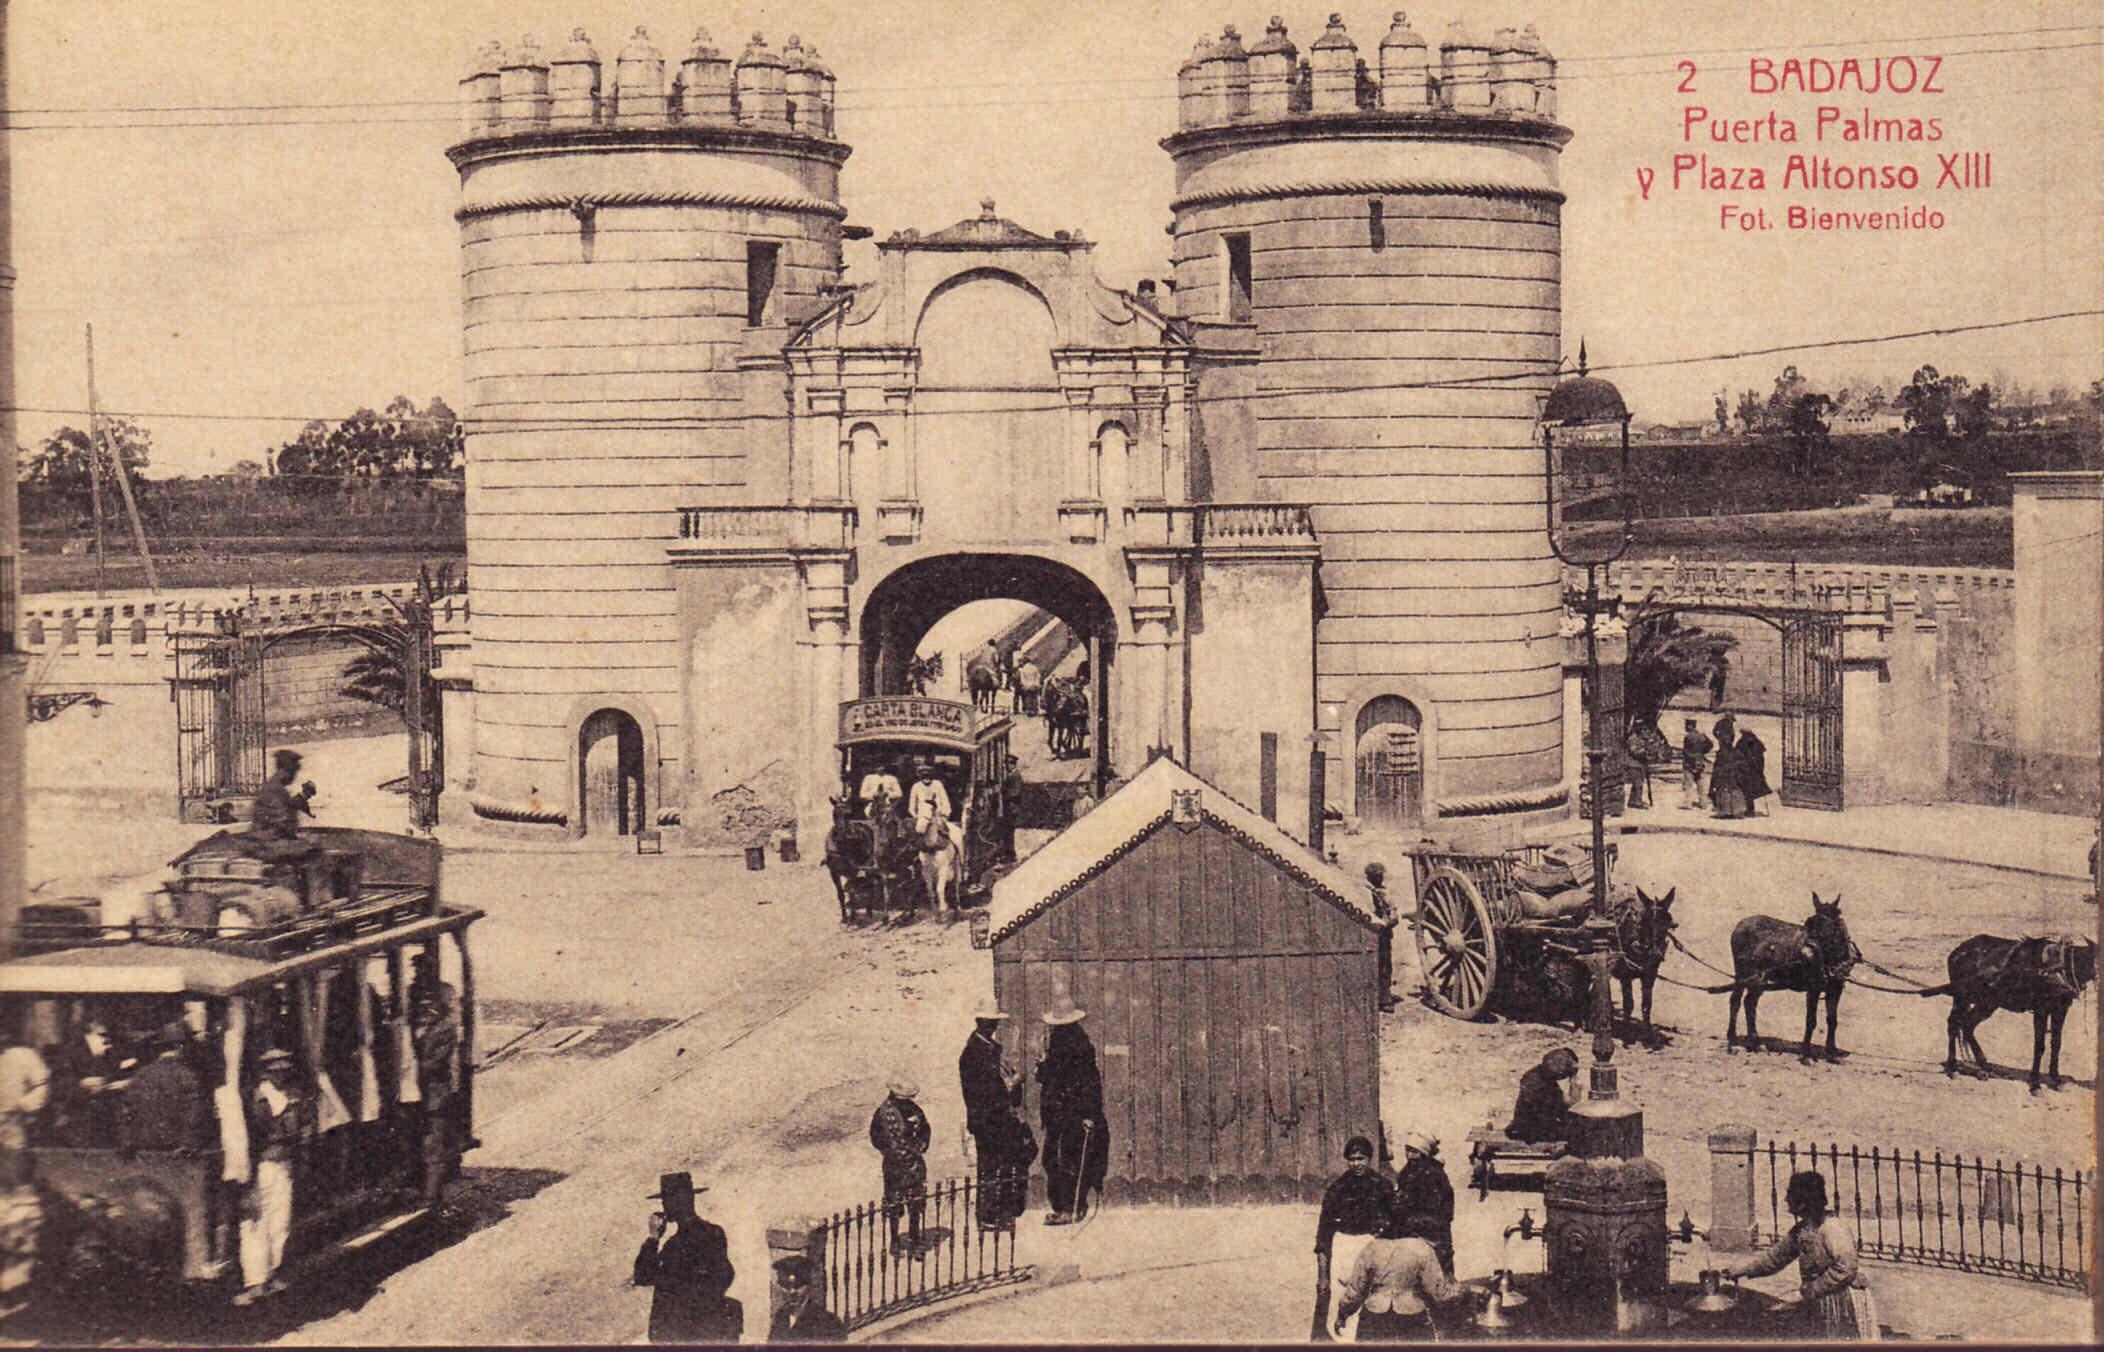 Badajoz Sus murallas a principios del siglo XX